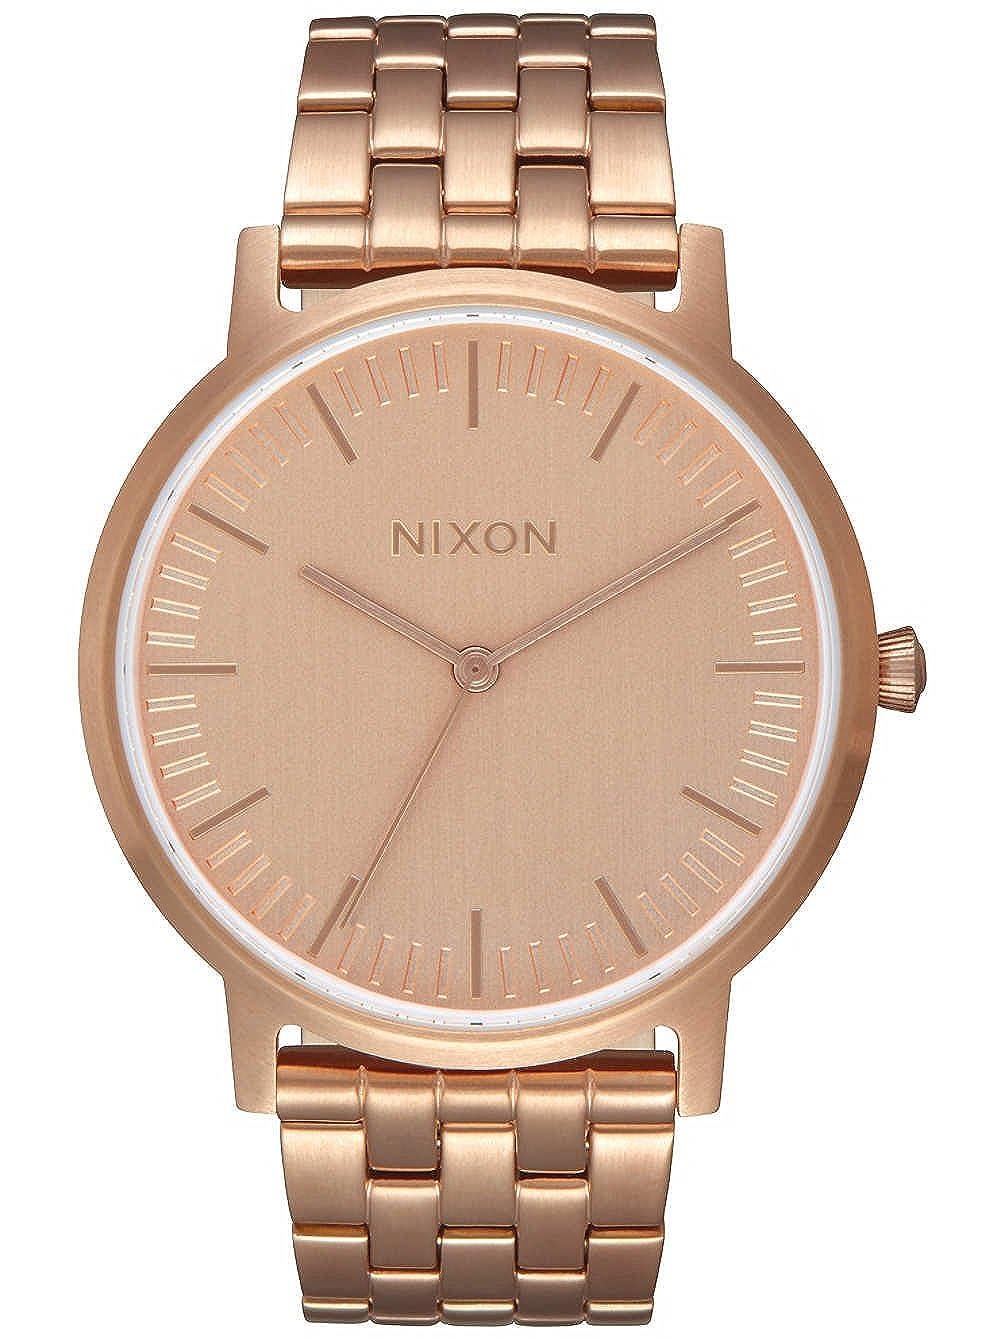 Nixon Reloj Analogico para Unisex de Cuarzo con Correa en Acero Inoxidable A1198-897-00